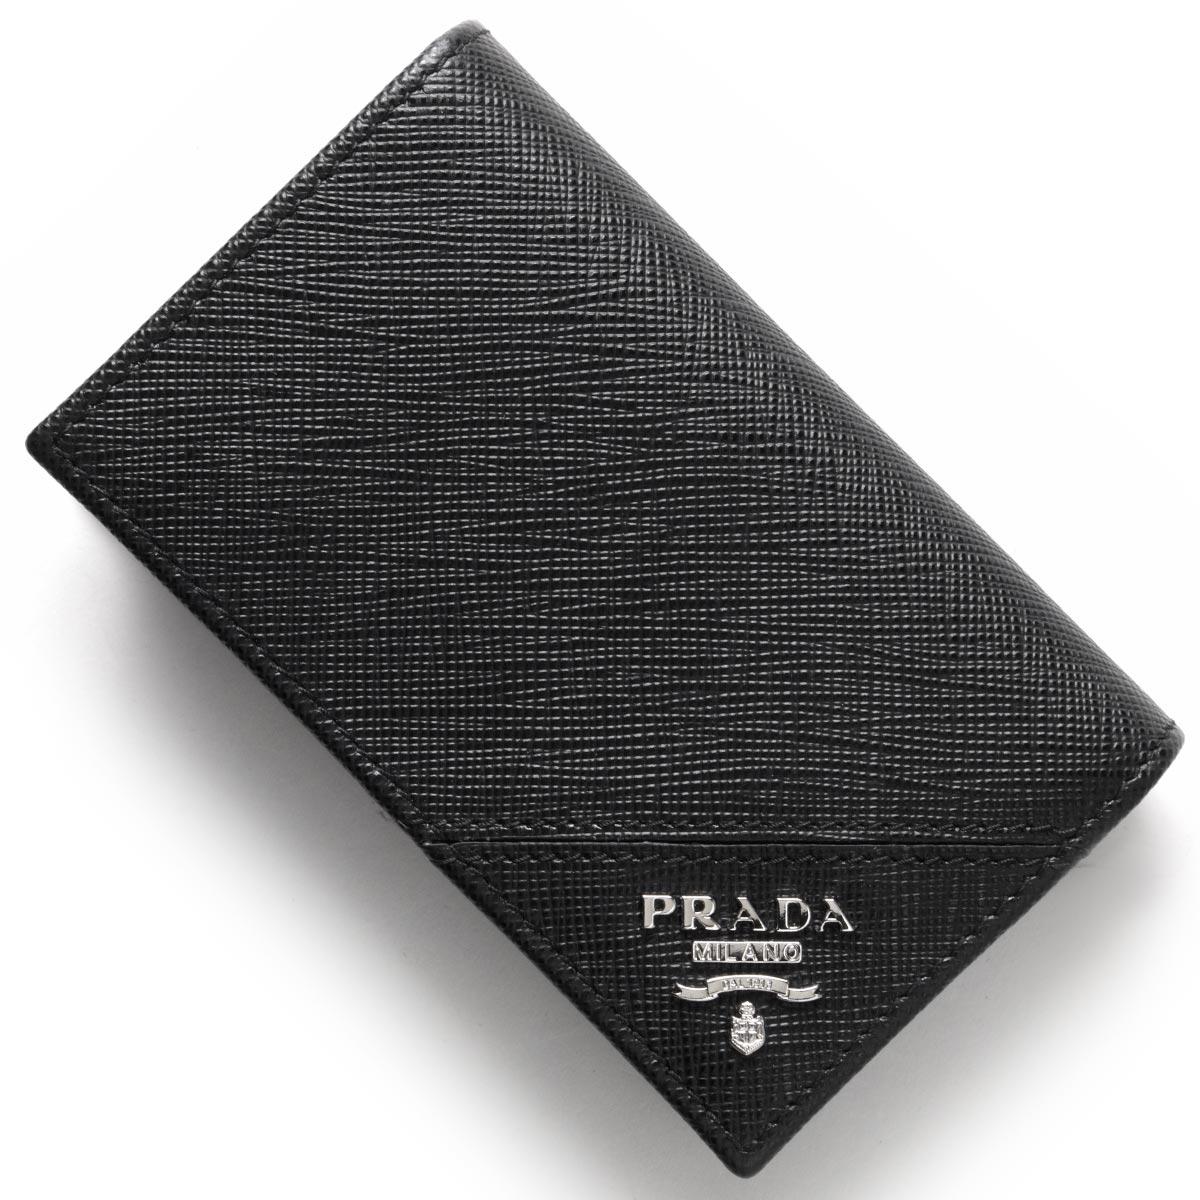 安い割引 プラダ カードケース メンズ レディース SAFFIANO METAL カードケース ブラック メンズ プラダ 2MC122 QME F0002 PRADA, カツラギチョウ:932fea0d --- enduro.pl